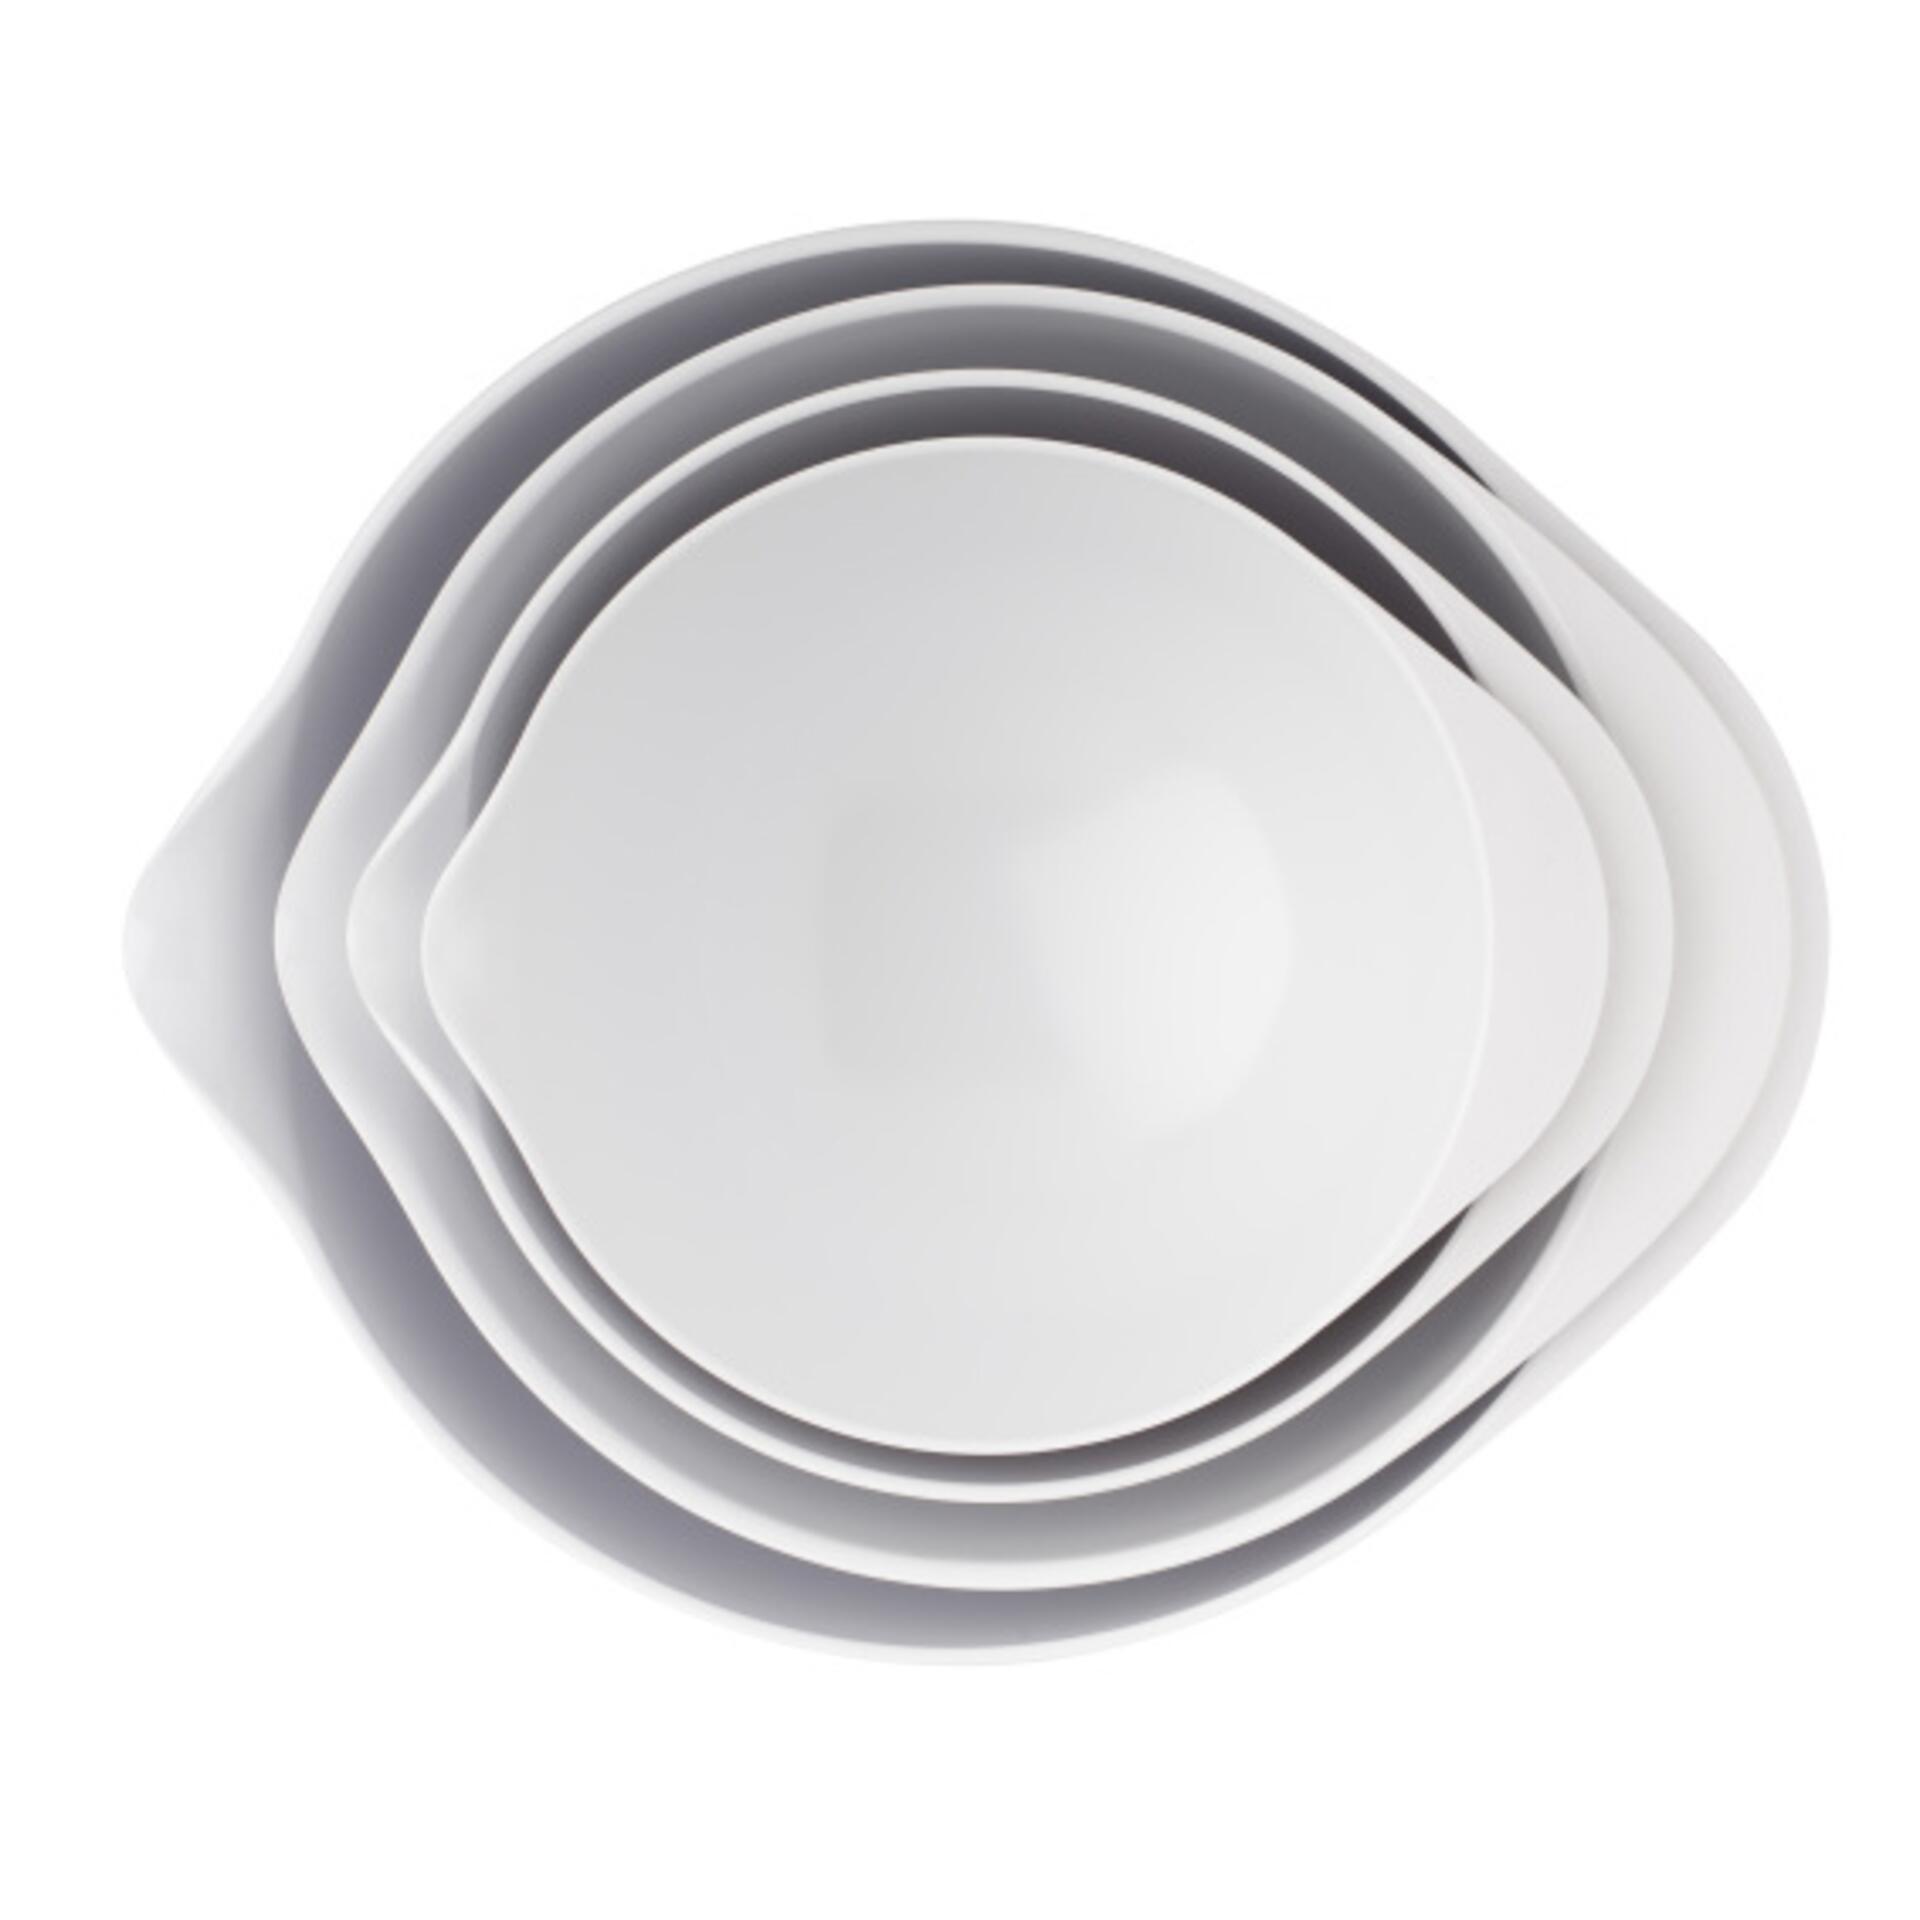 Rosti Mepal Margrethe Rührschüssel 500 ml Grau